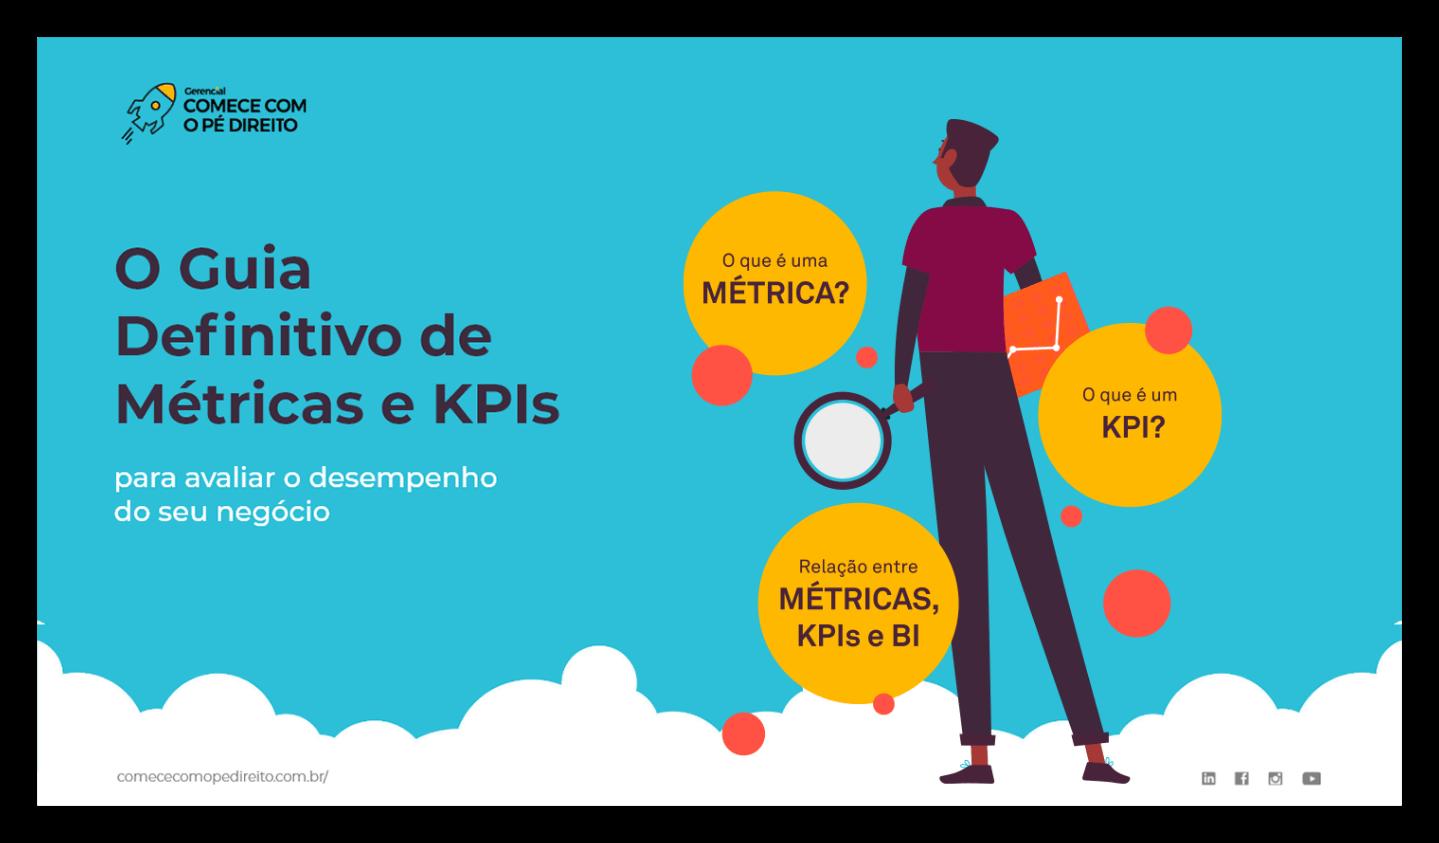 Avatar segurando um gráfico e analisando as métricas de KPIs para avaliar o desempenho do negócio